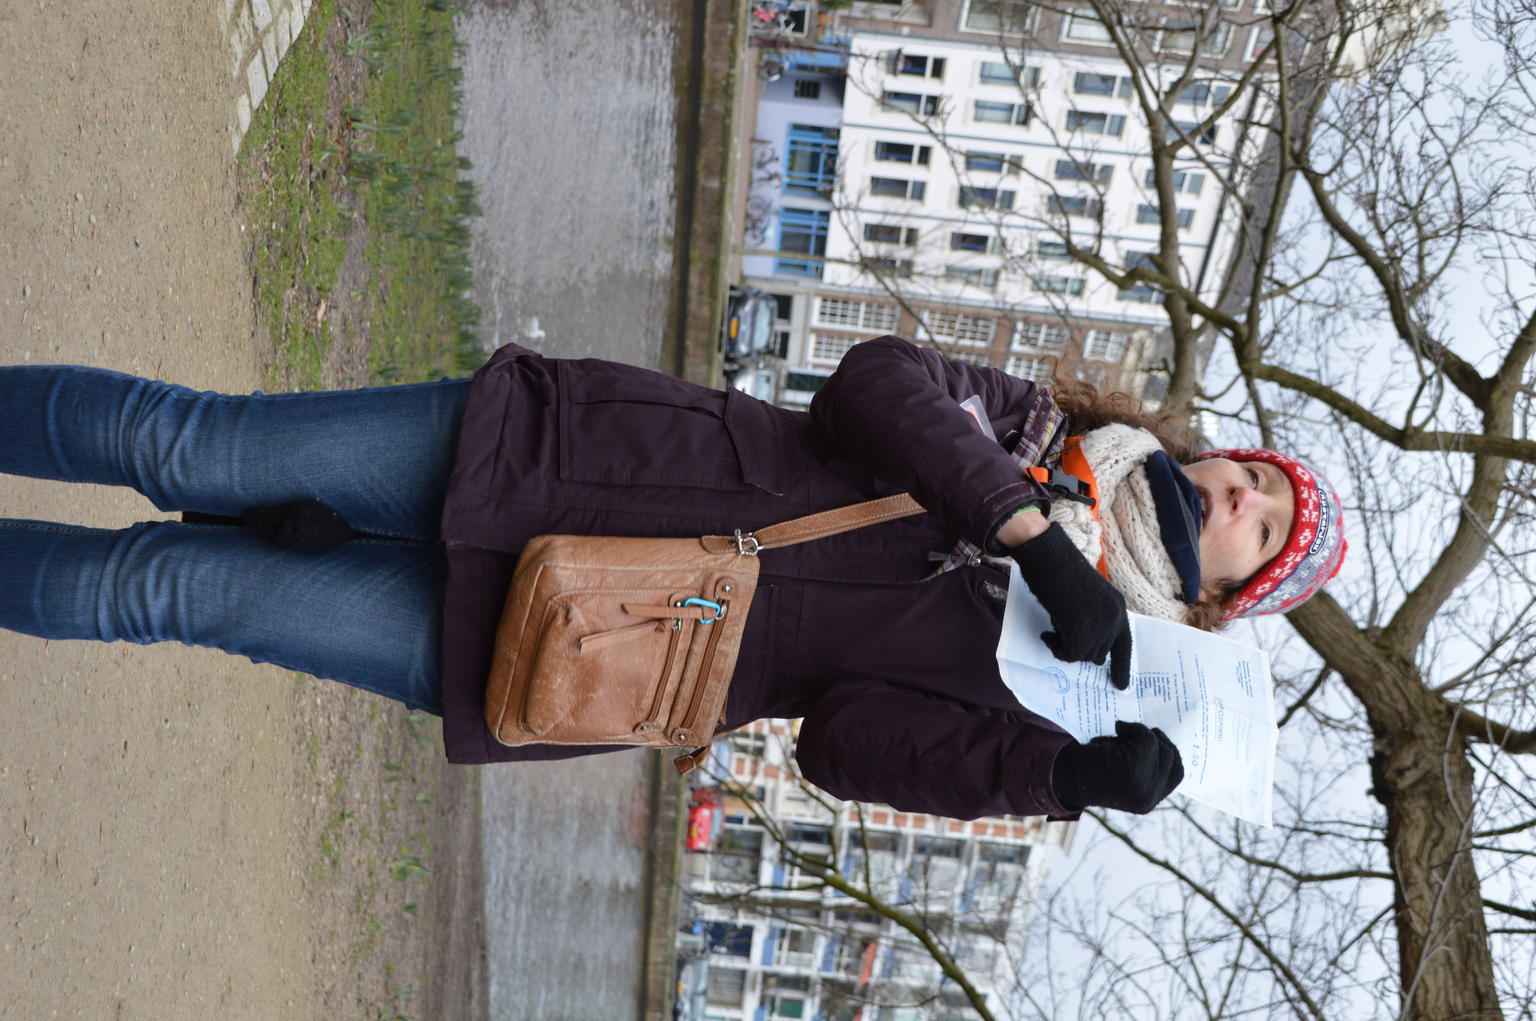 MÁS FOTOS, Visita a pie del Barrio judío de Ana Frank en Ámsterdam